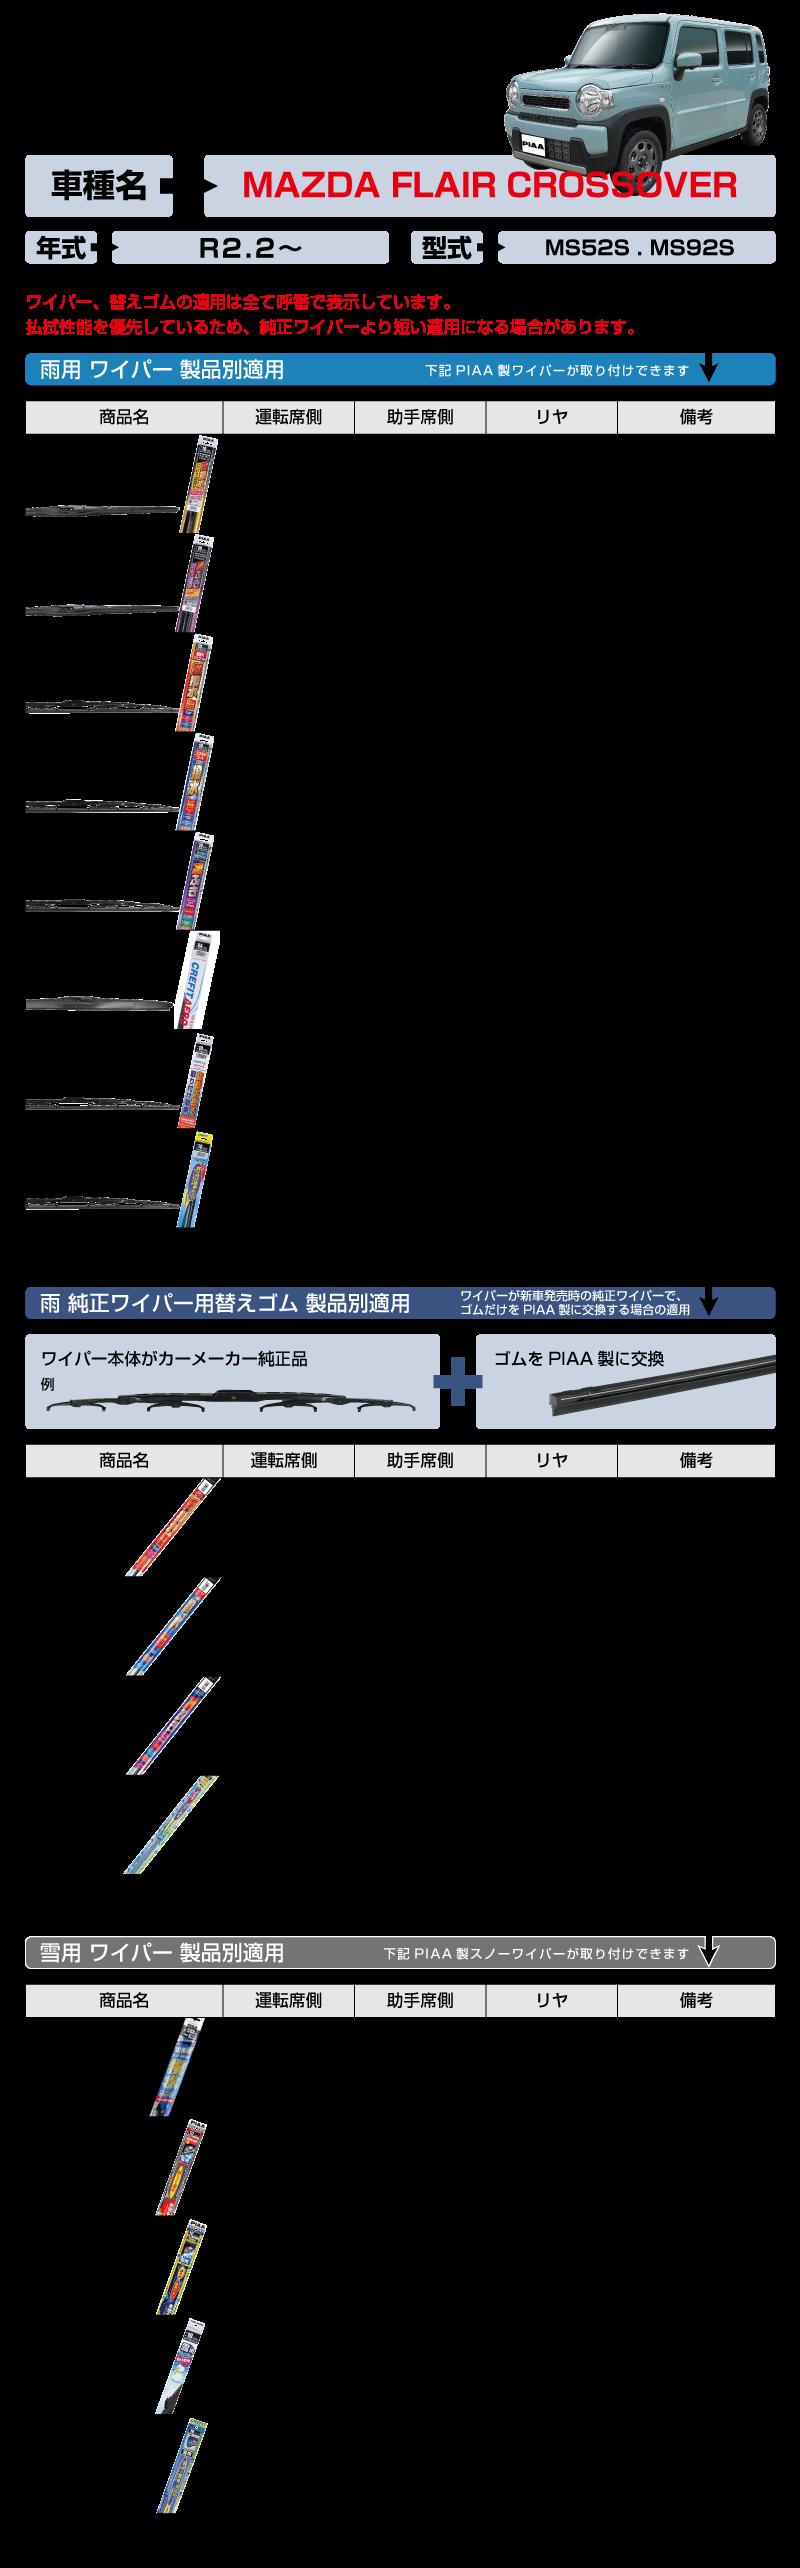 TEKIYOU_MAZADA_FLAIR-CROSSOVER_R2.2